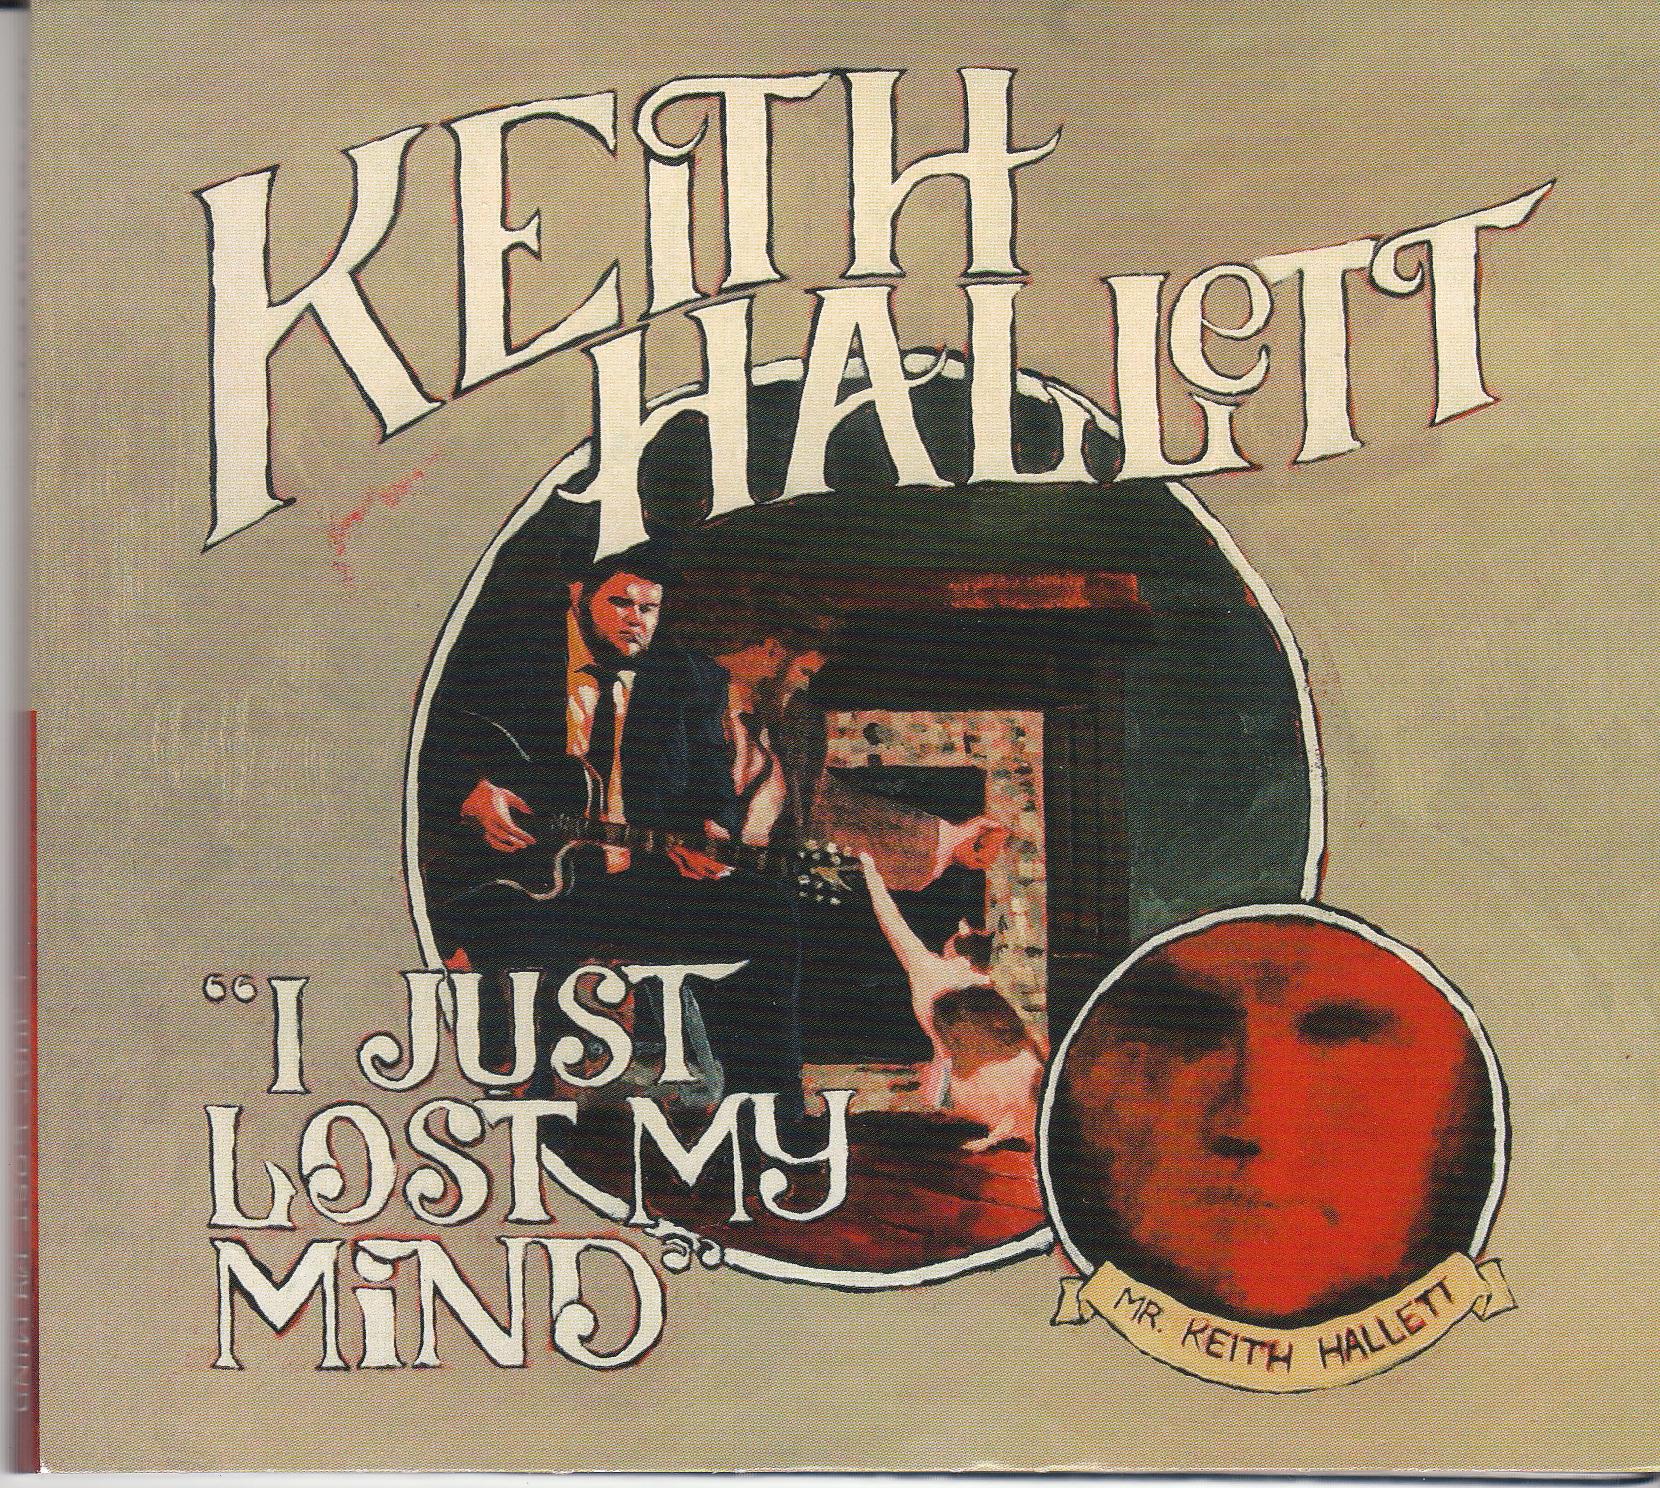 Keith-Hallett-ijustlost.jpg